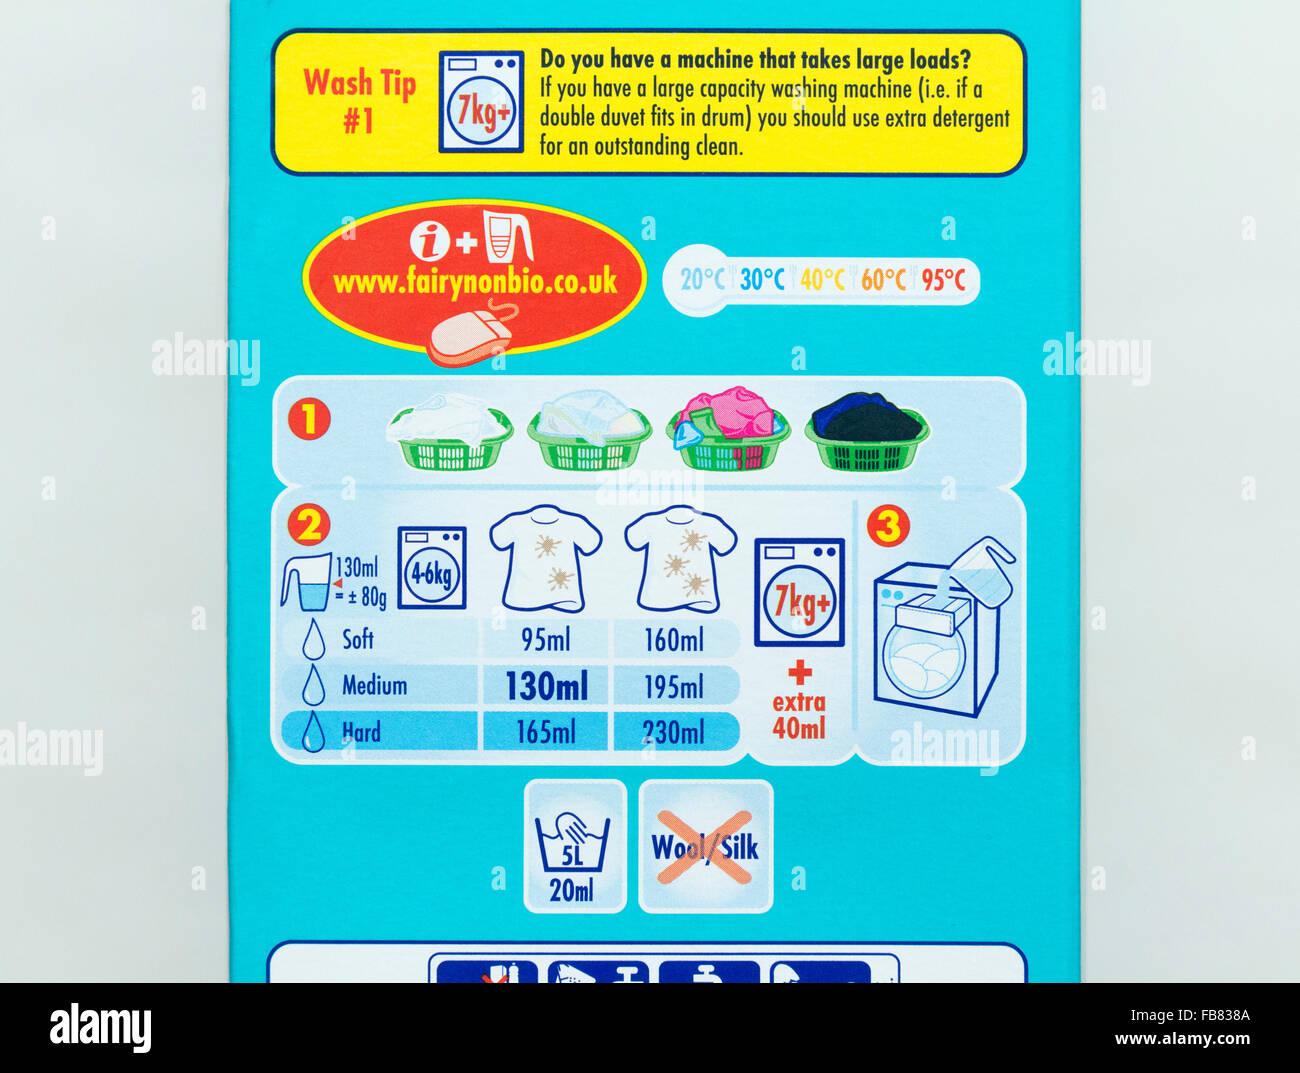 washing powder instructions - Stock Image